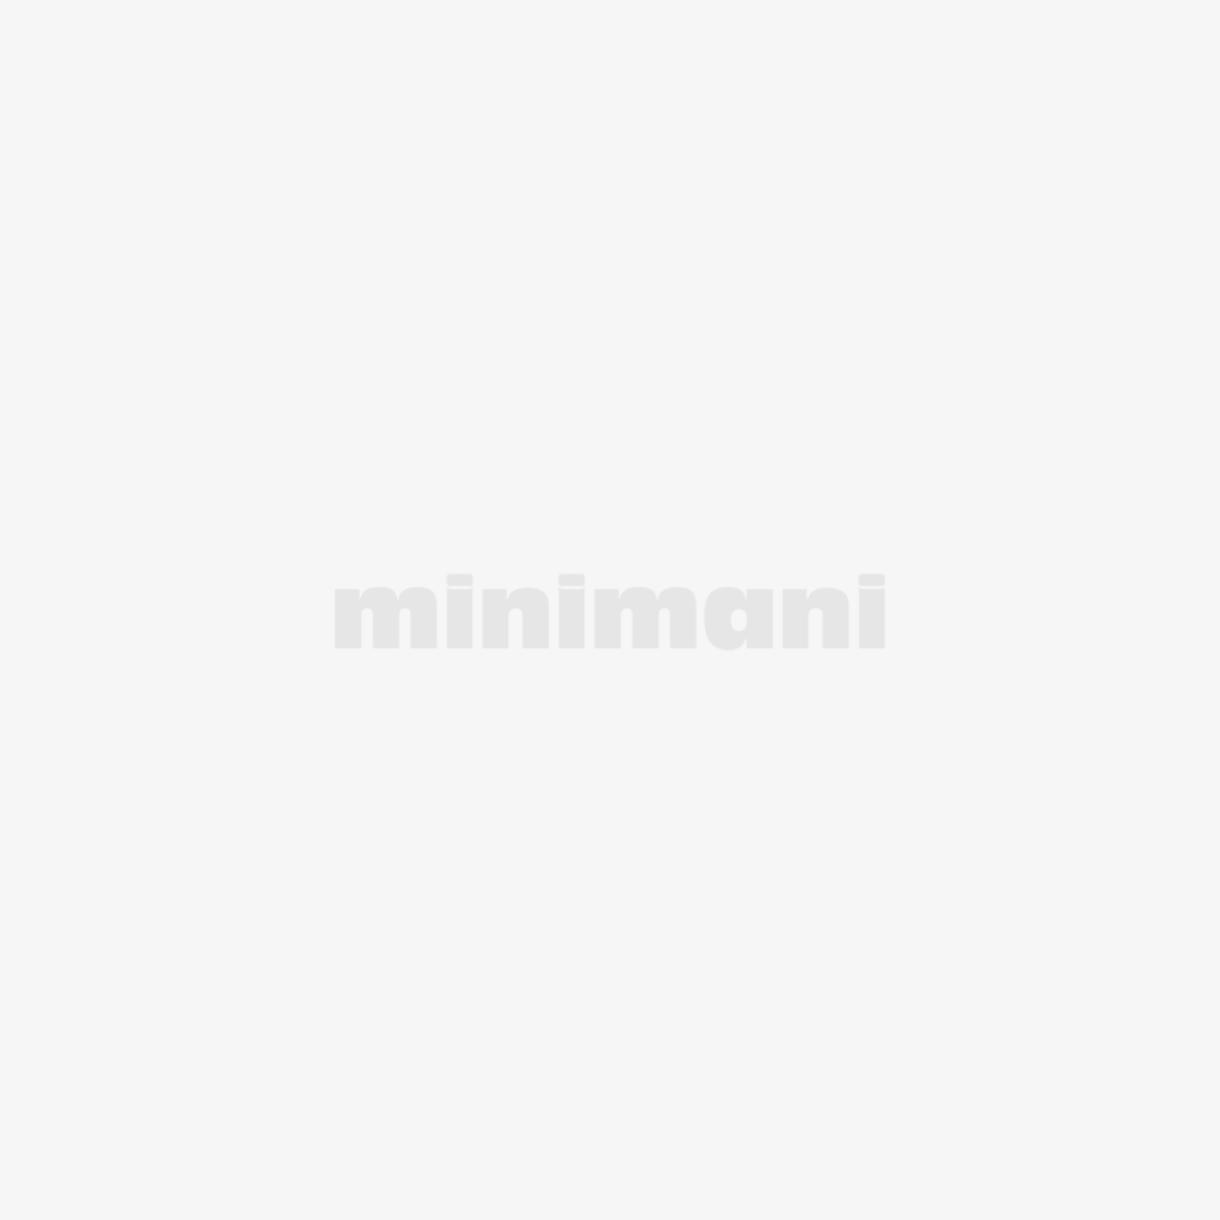 HIIRI-/SUOJAVERKKO PUNOTTU 0,30 X